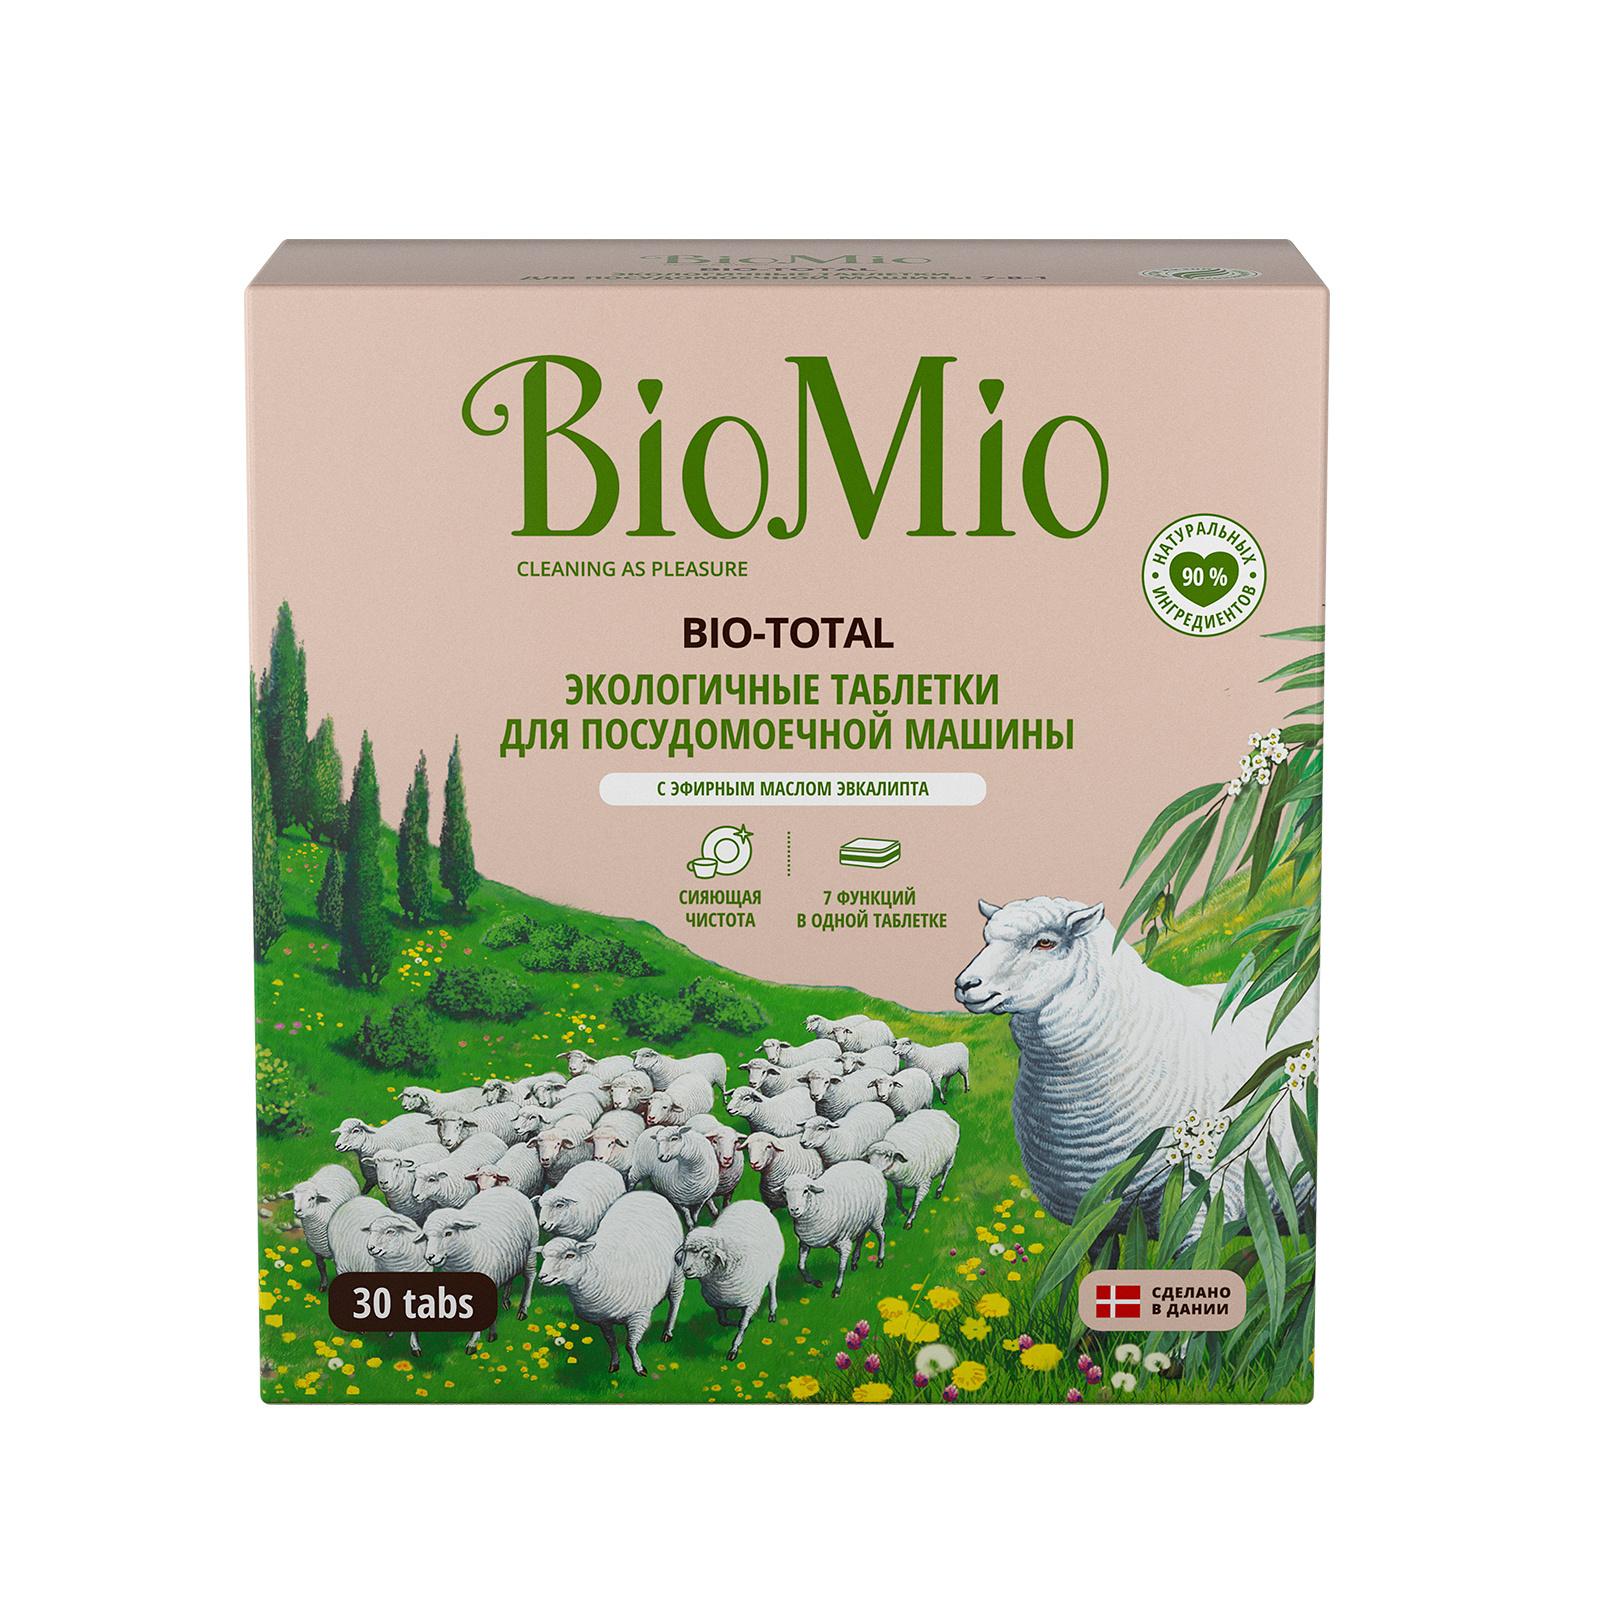 Таблетки для посудомоечной машины BioMio bio-total 30 штук